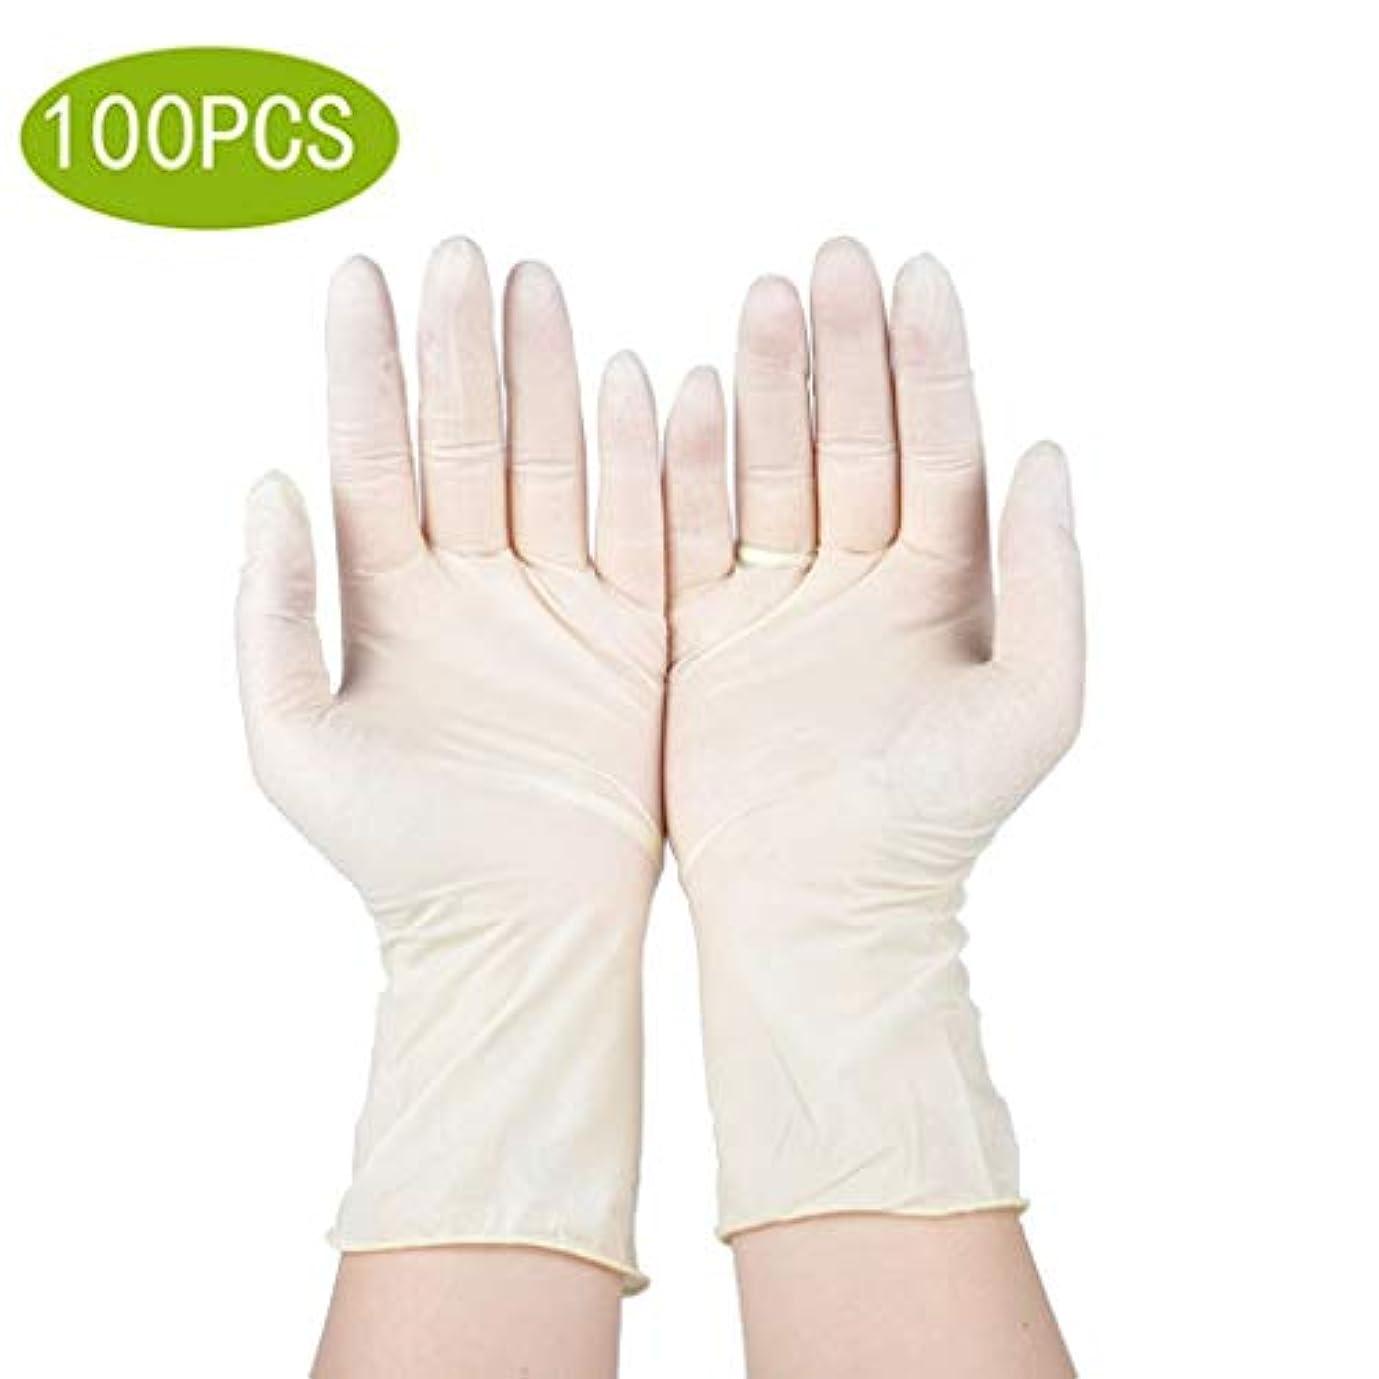 衝突外向き祈るニトリル試験用手袋 - 医療用グレード、パウダーフリー、ラテックスラバーフリー、使い捨て、ラテックスグローブ食品安全ラテックスグローブ (Color : Latex Gloves, Size : L)